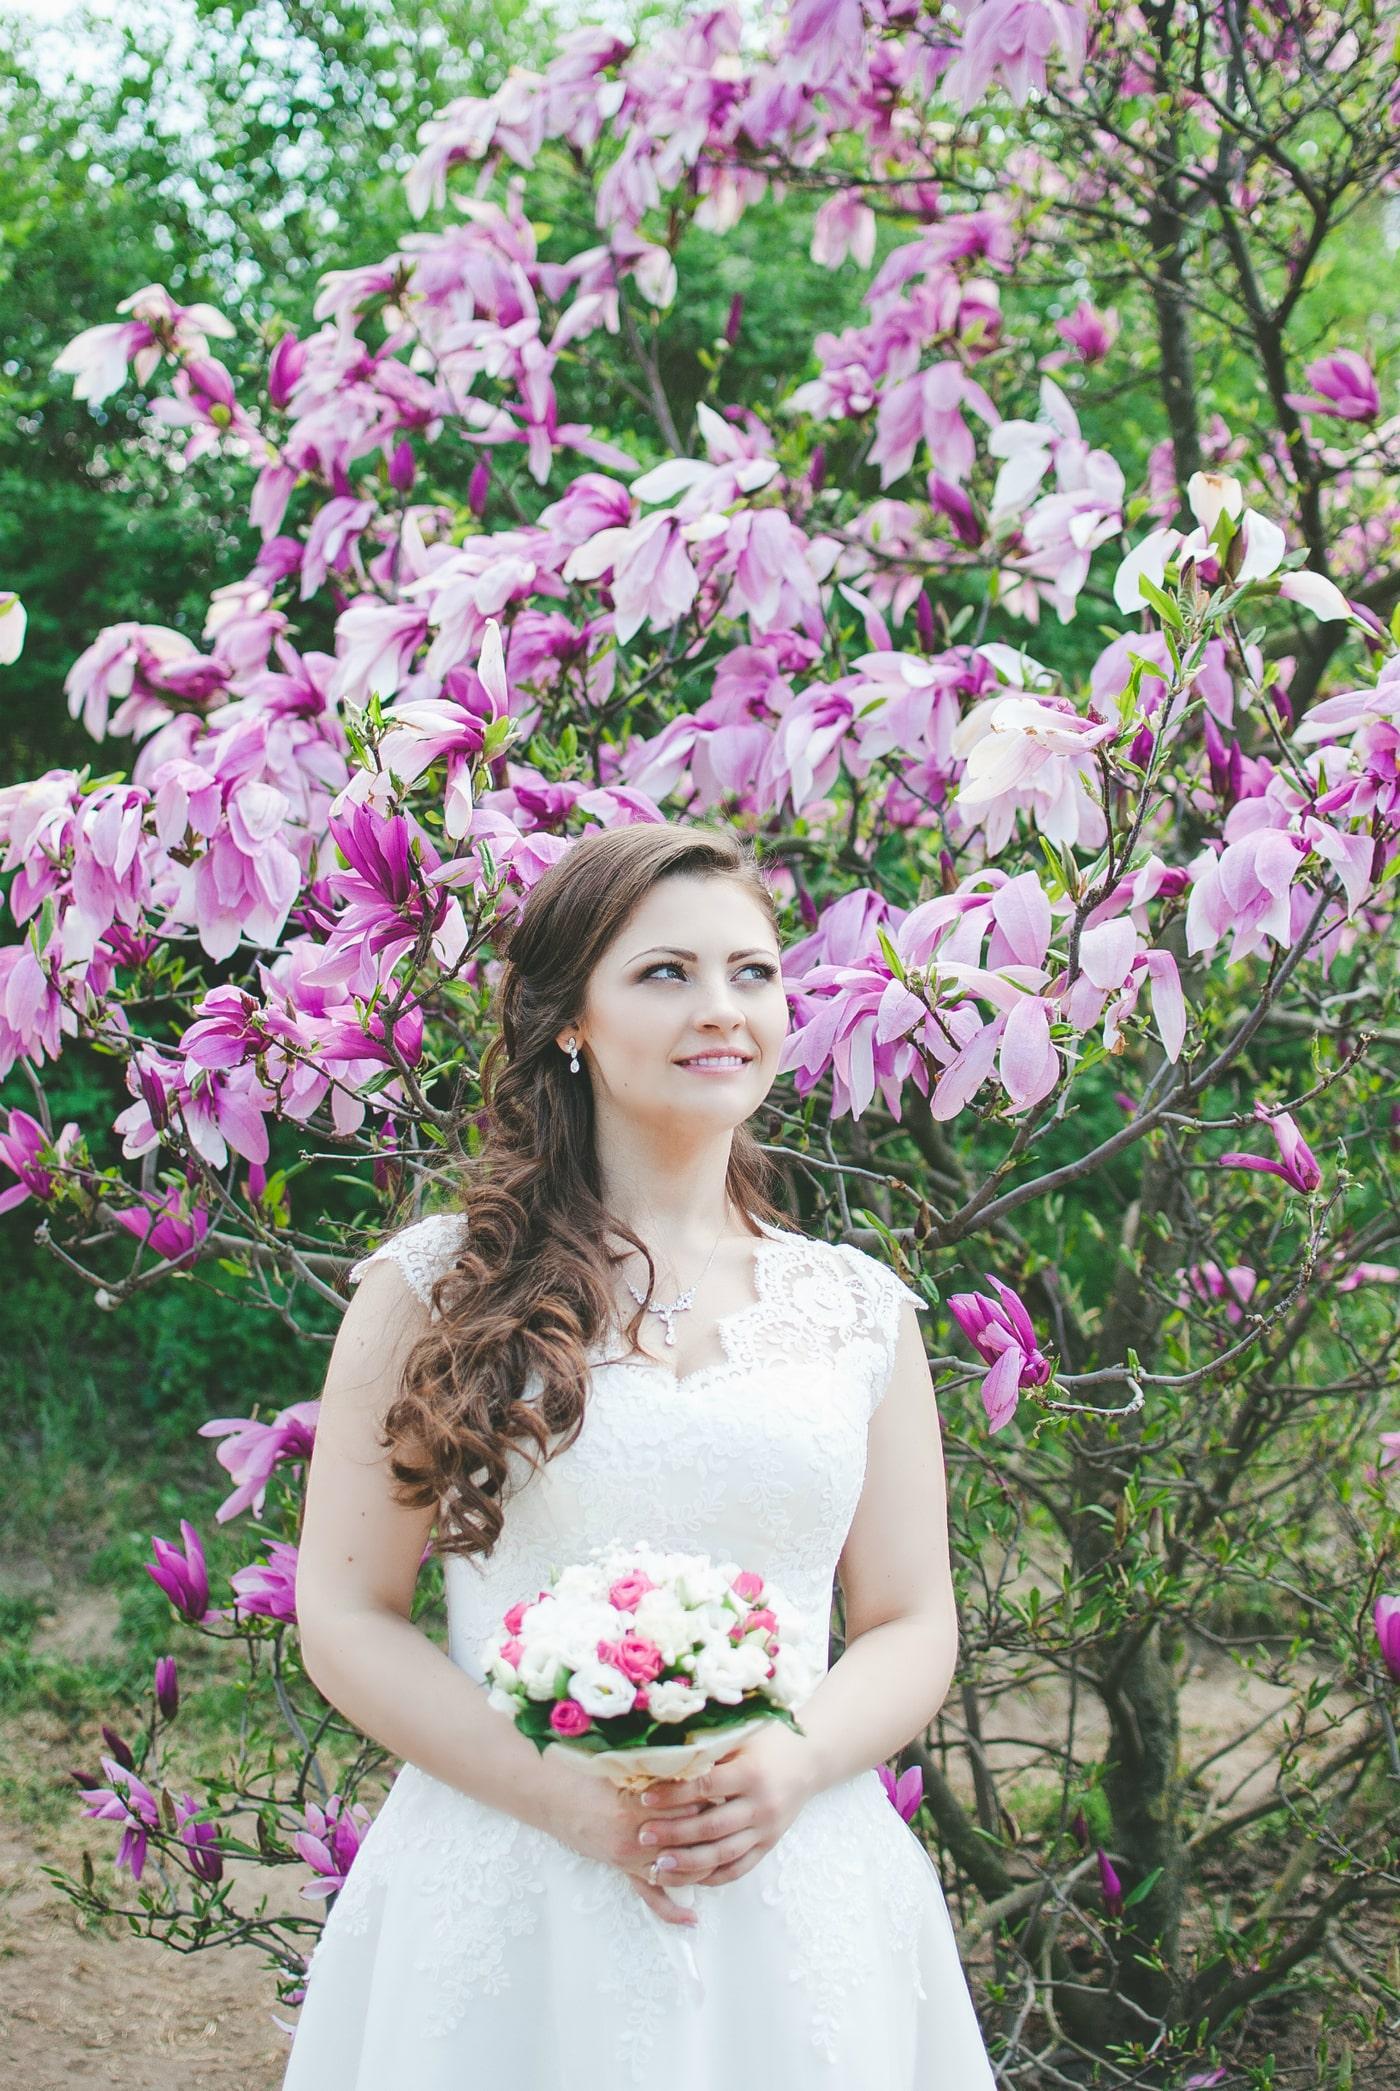 Невеста в магнолиях - фотограф Женя Лайт